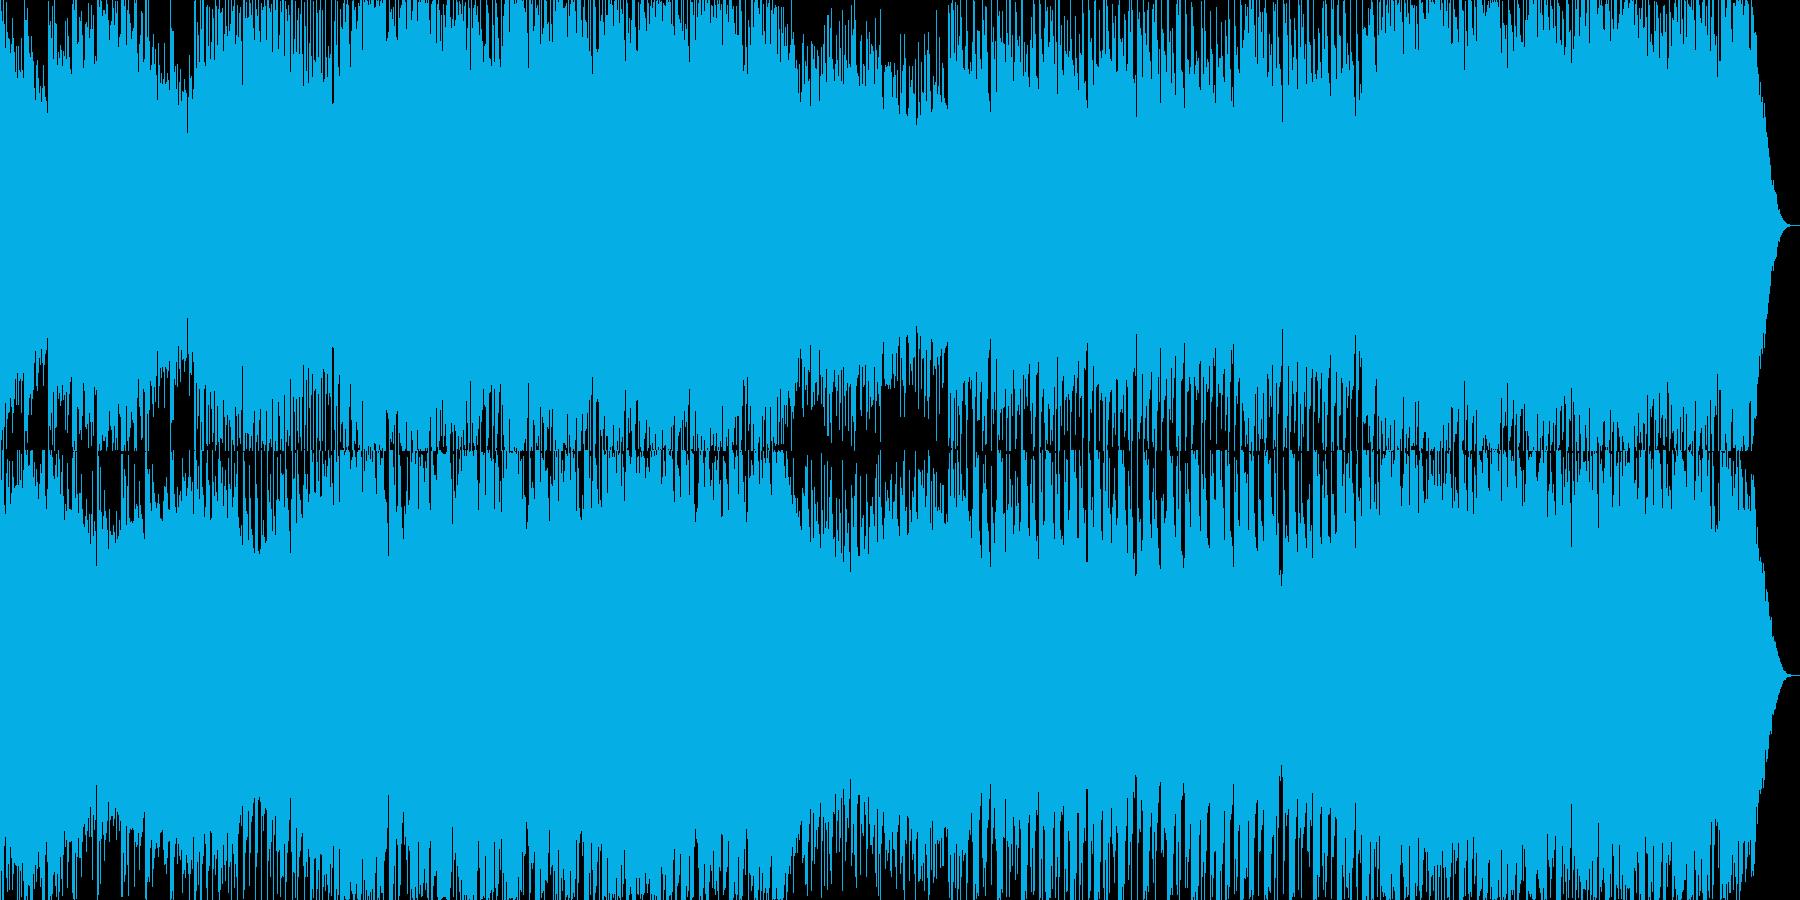 落ち着いた中に熱さのある正統派EDMの再生済みの波形